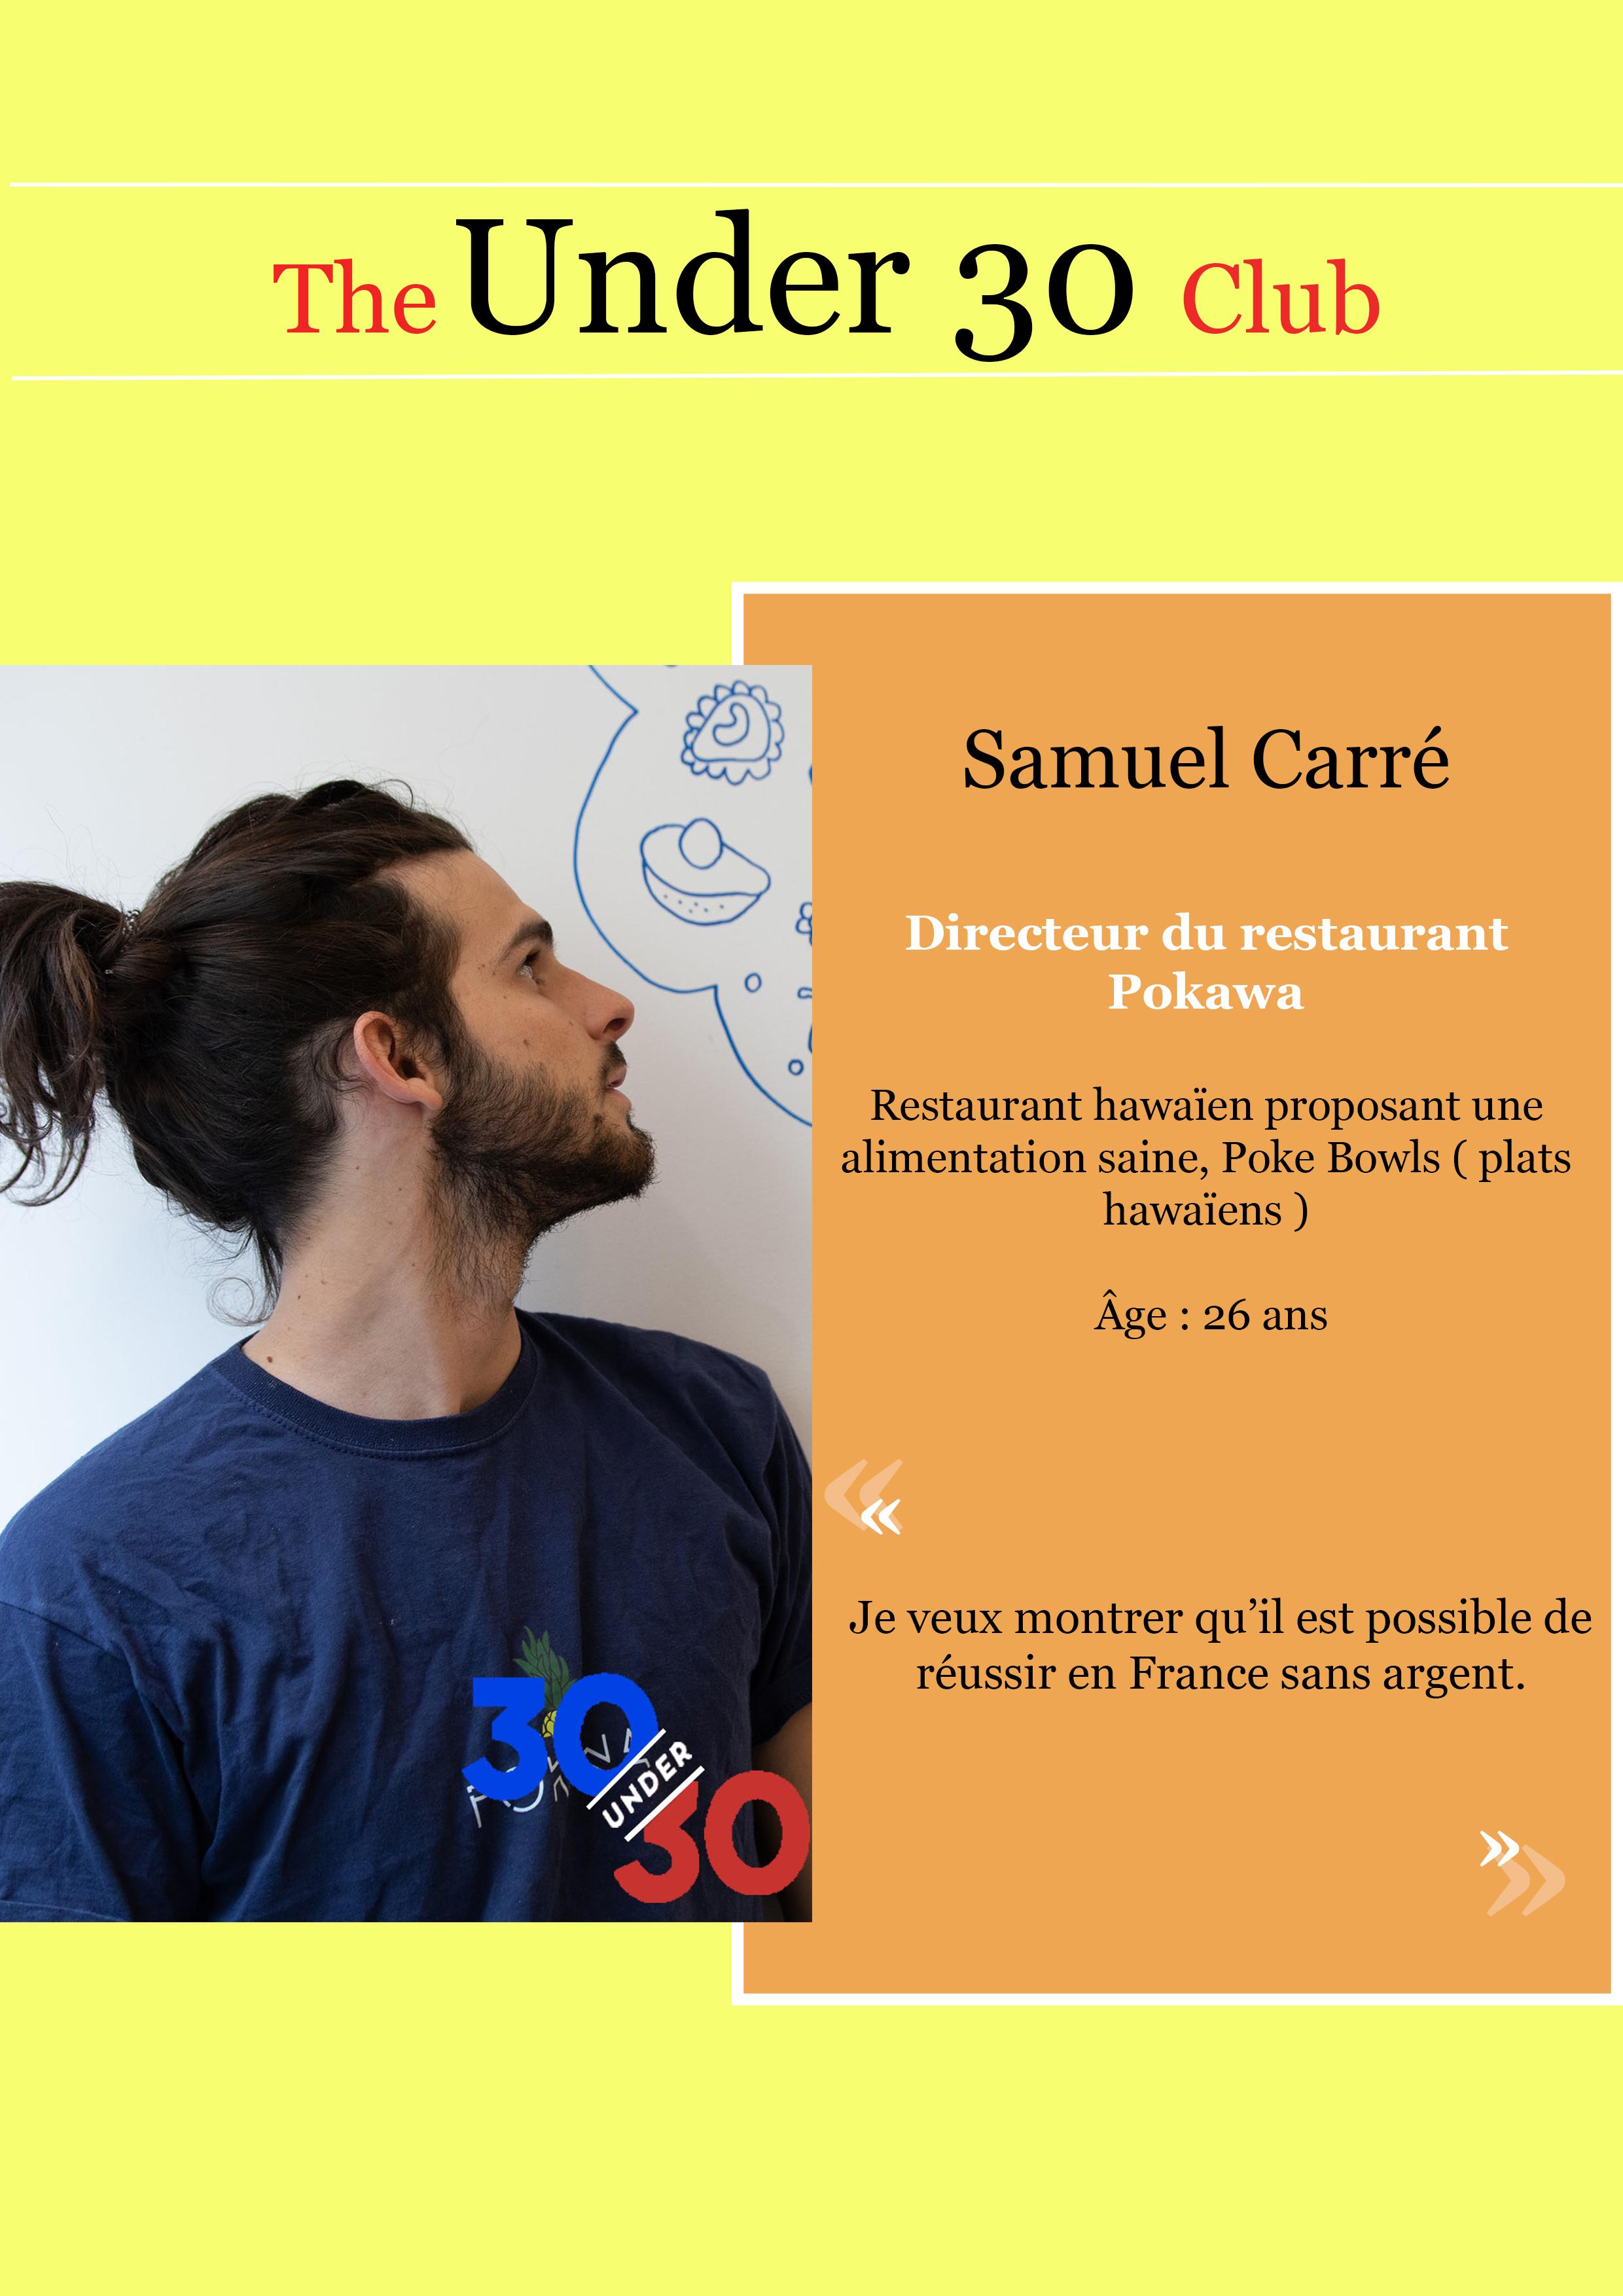 Samuel Carre